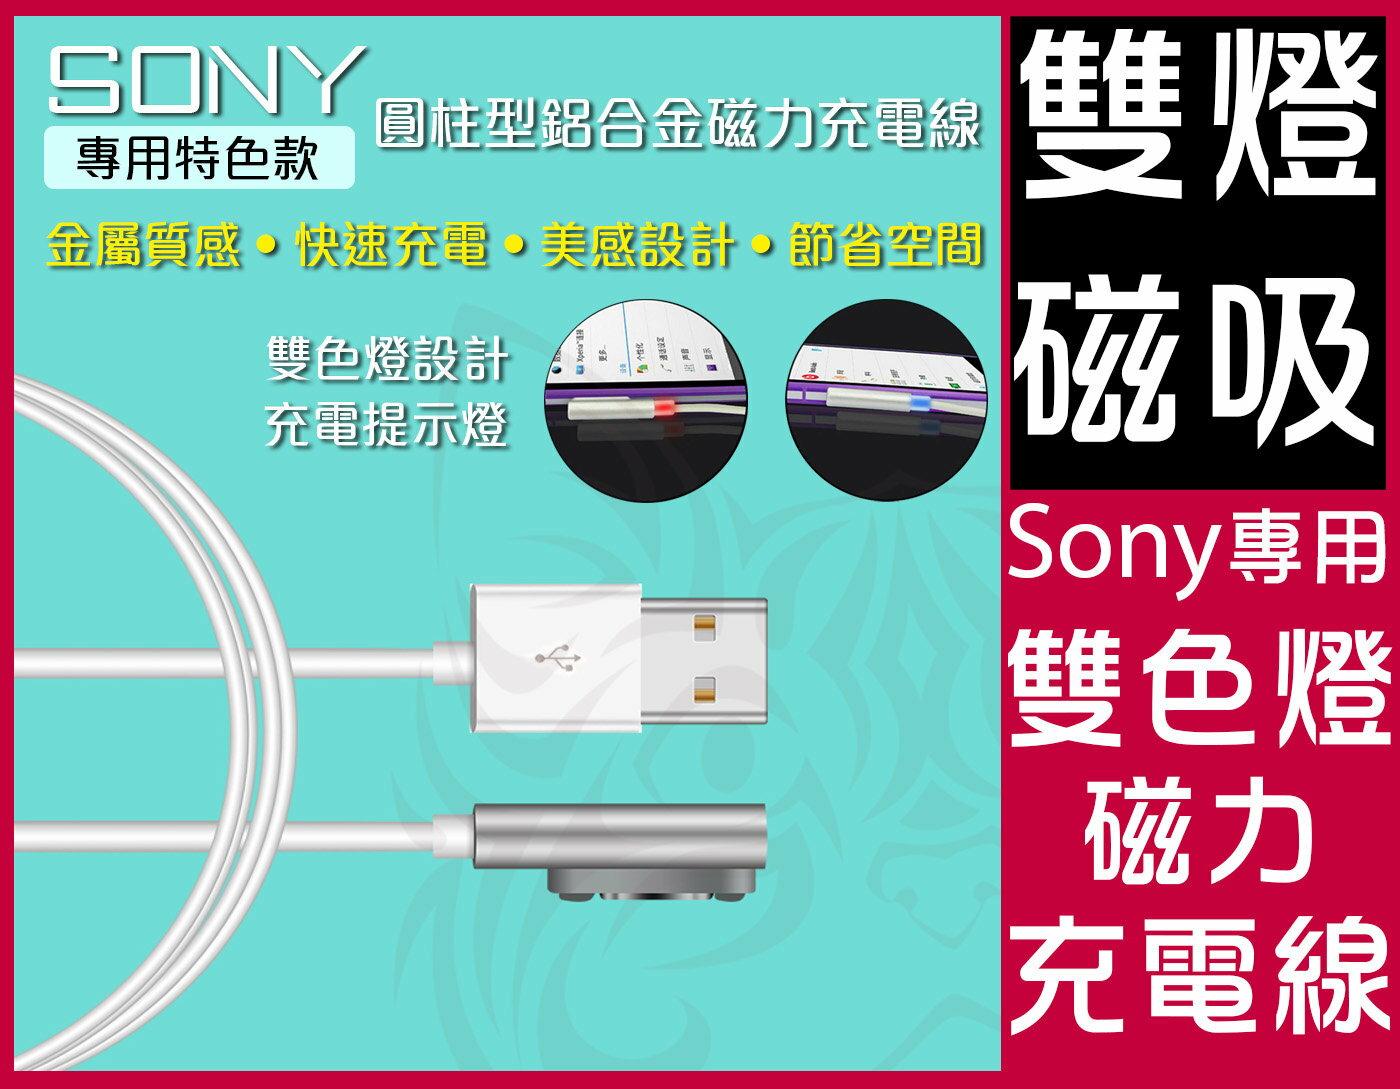 副廠 Sony 專用 LED雙色燈 圓柱型 / 寬版 磁力充電線 【D-SON-002】 磁充線 Z3 Z2 Z1 ZU 可用 - 限時優惠好康折扣